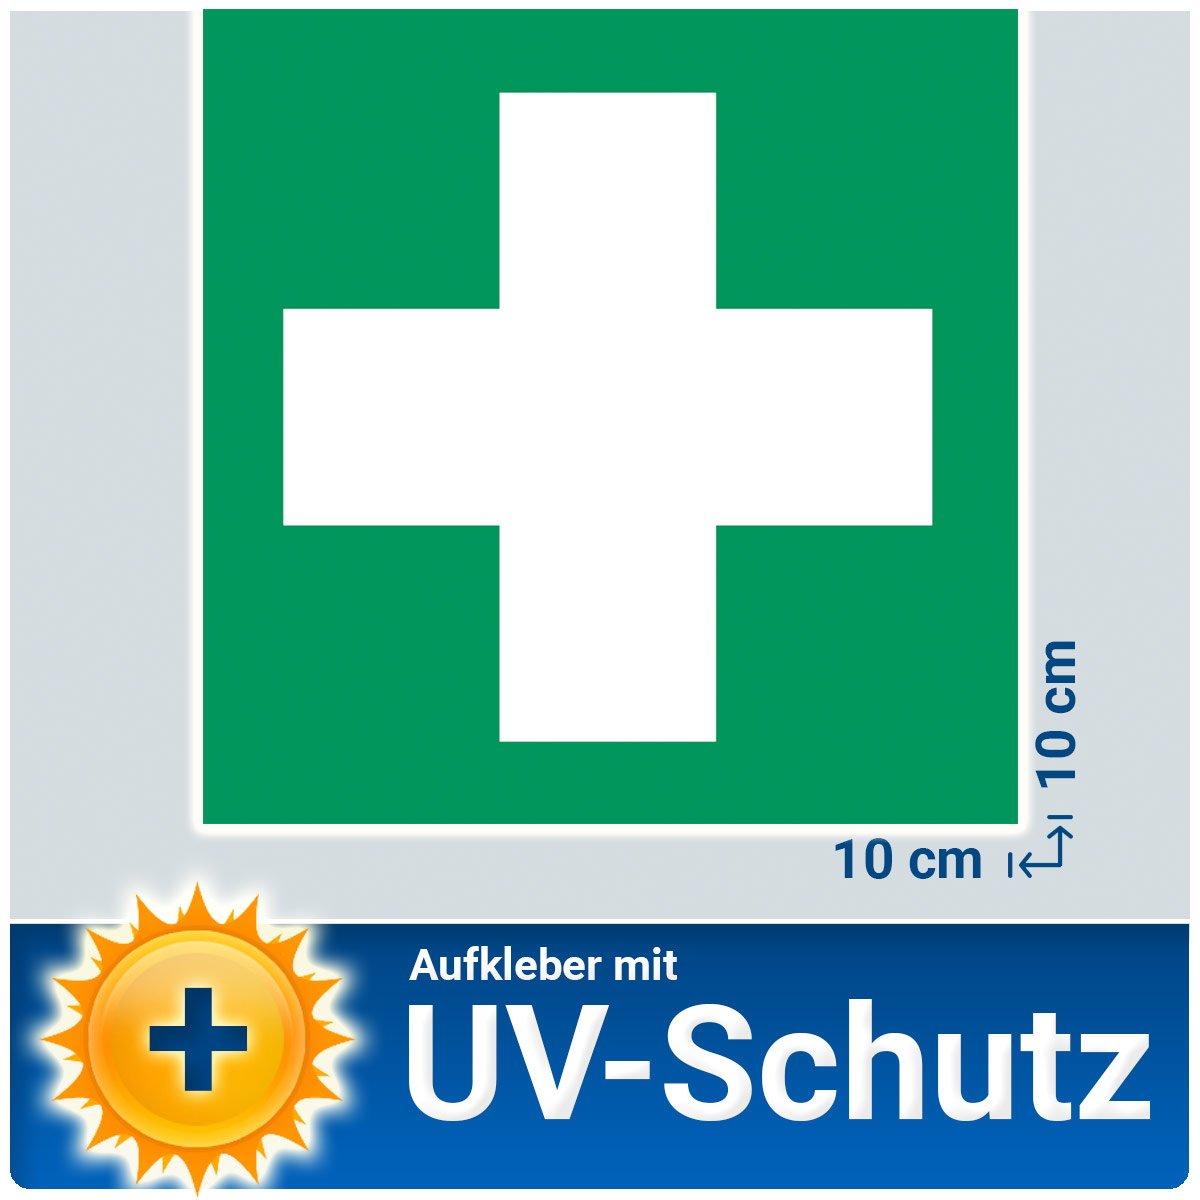 'Autocollants 'premiers secours Stickers caractères avec protection UV stratifié (Outdoor), 10x 10cm, boîte de bandages de sécurité compatible autocollant vert croix plaque signalétique, caractère